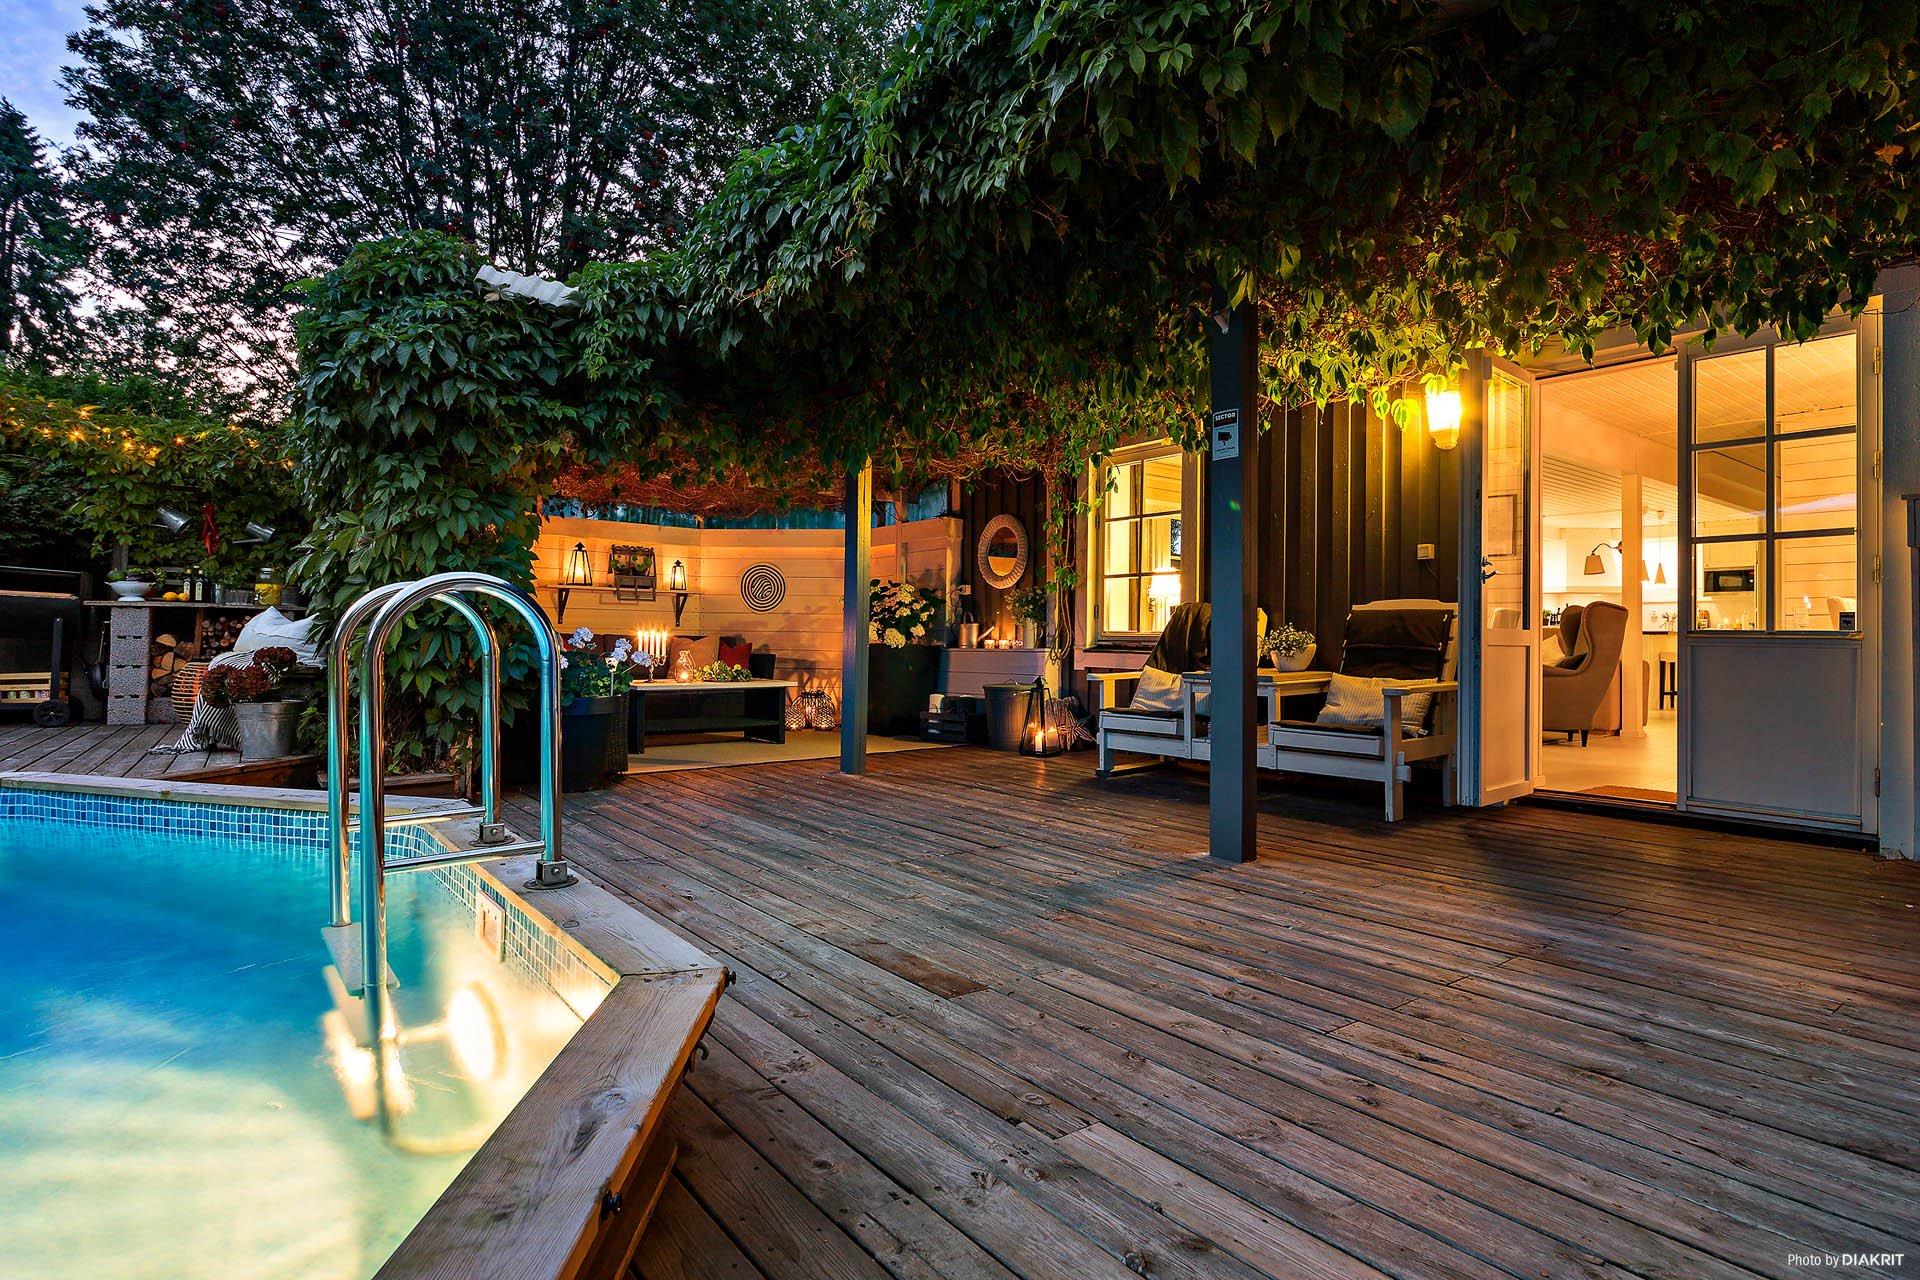 терраса уличная садовая мебель вечернее освещение подсветка